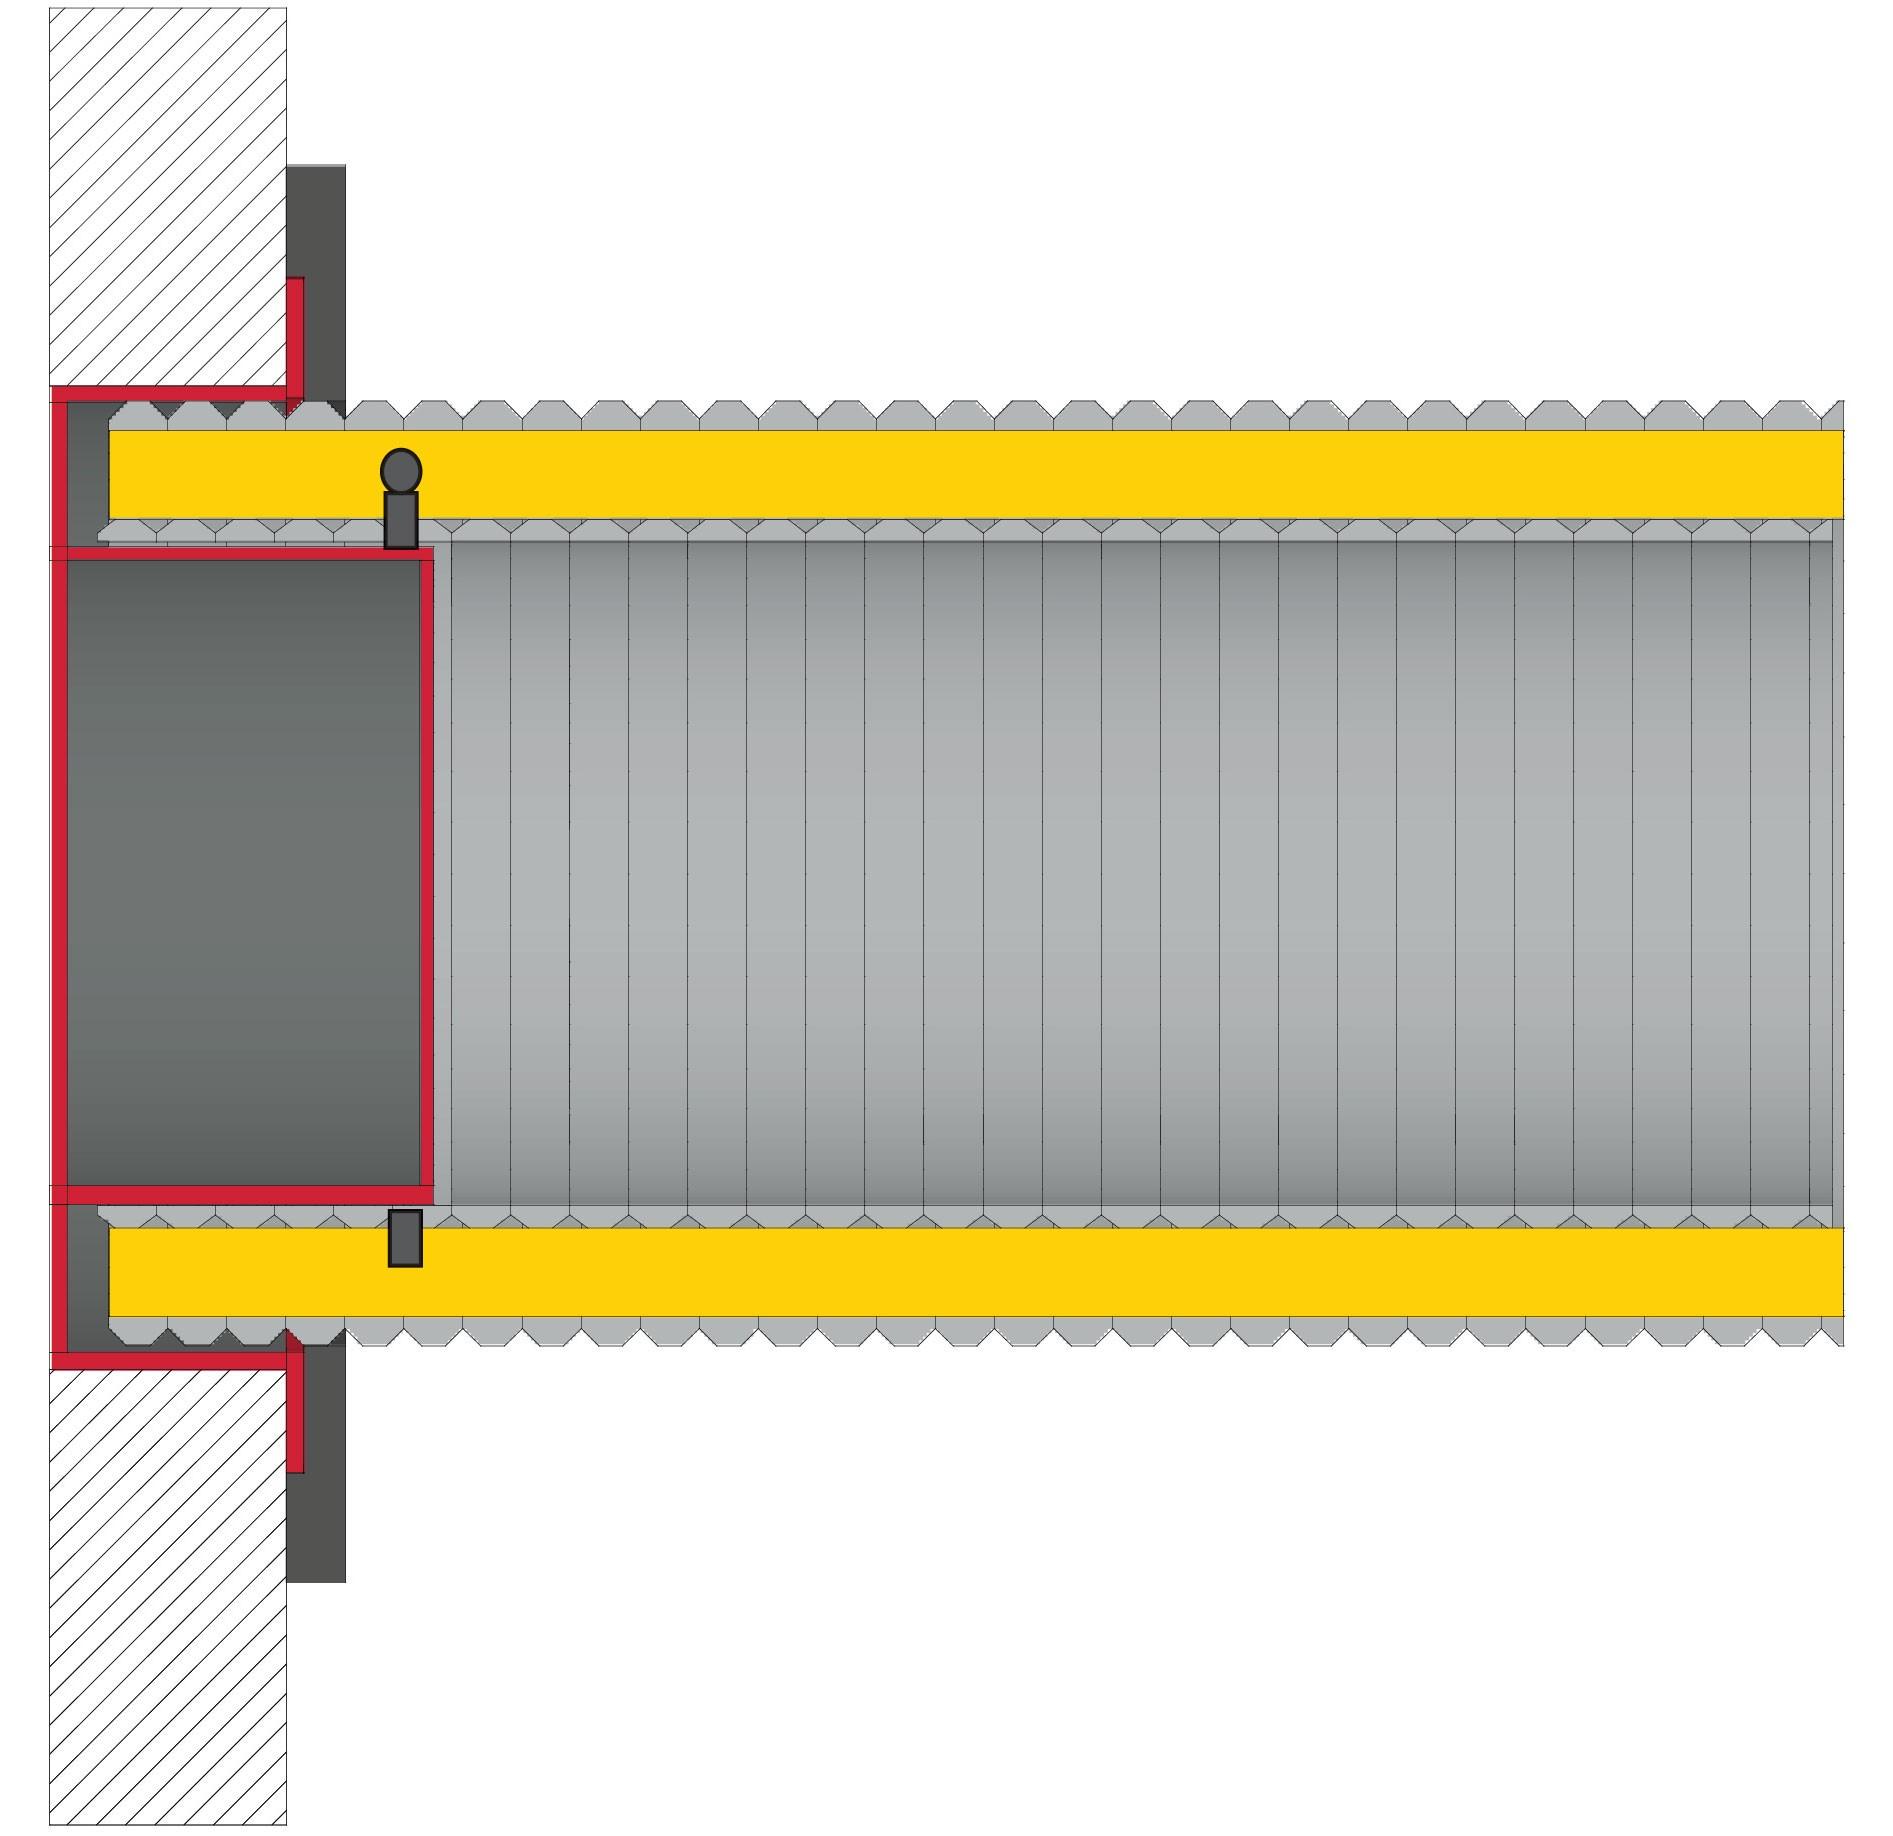 Anschlussstutzen für externe Luftzufuhr Ø 60 mm verzinkt LAS Ringspalt Bild 2